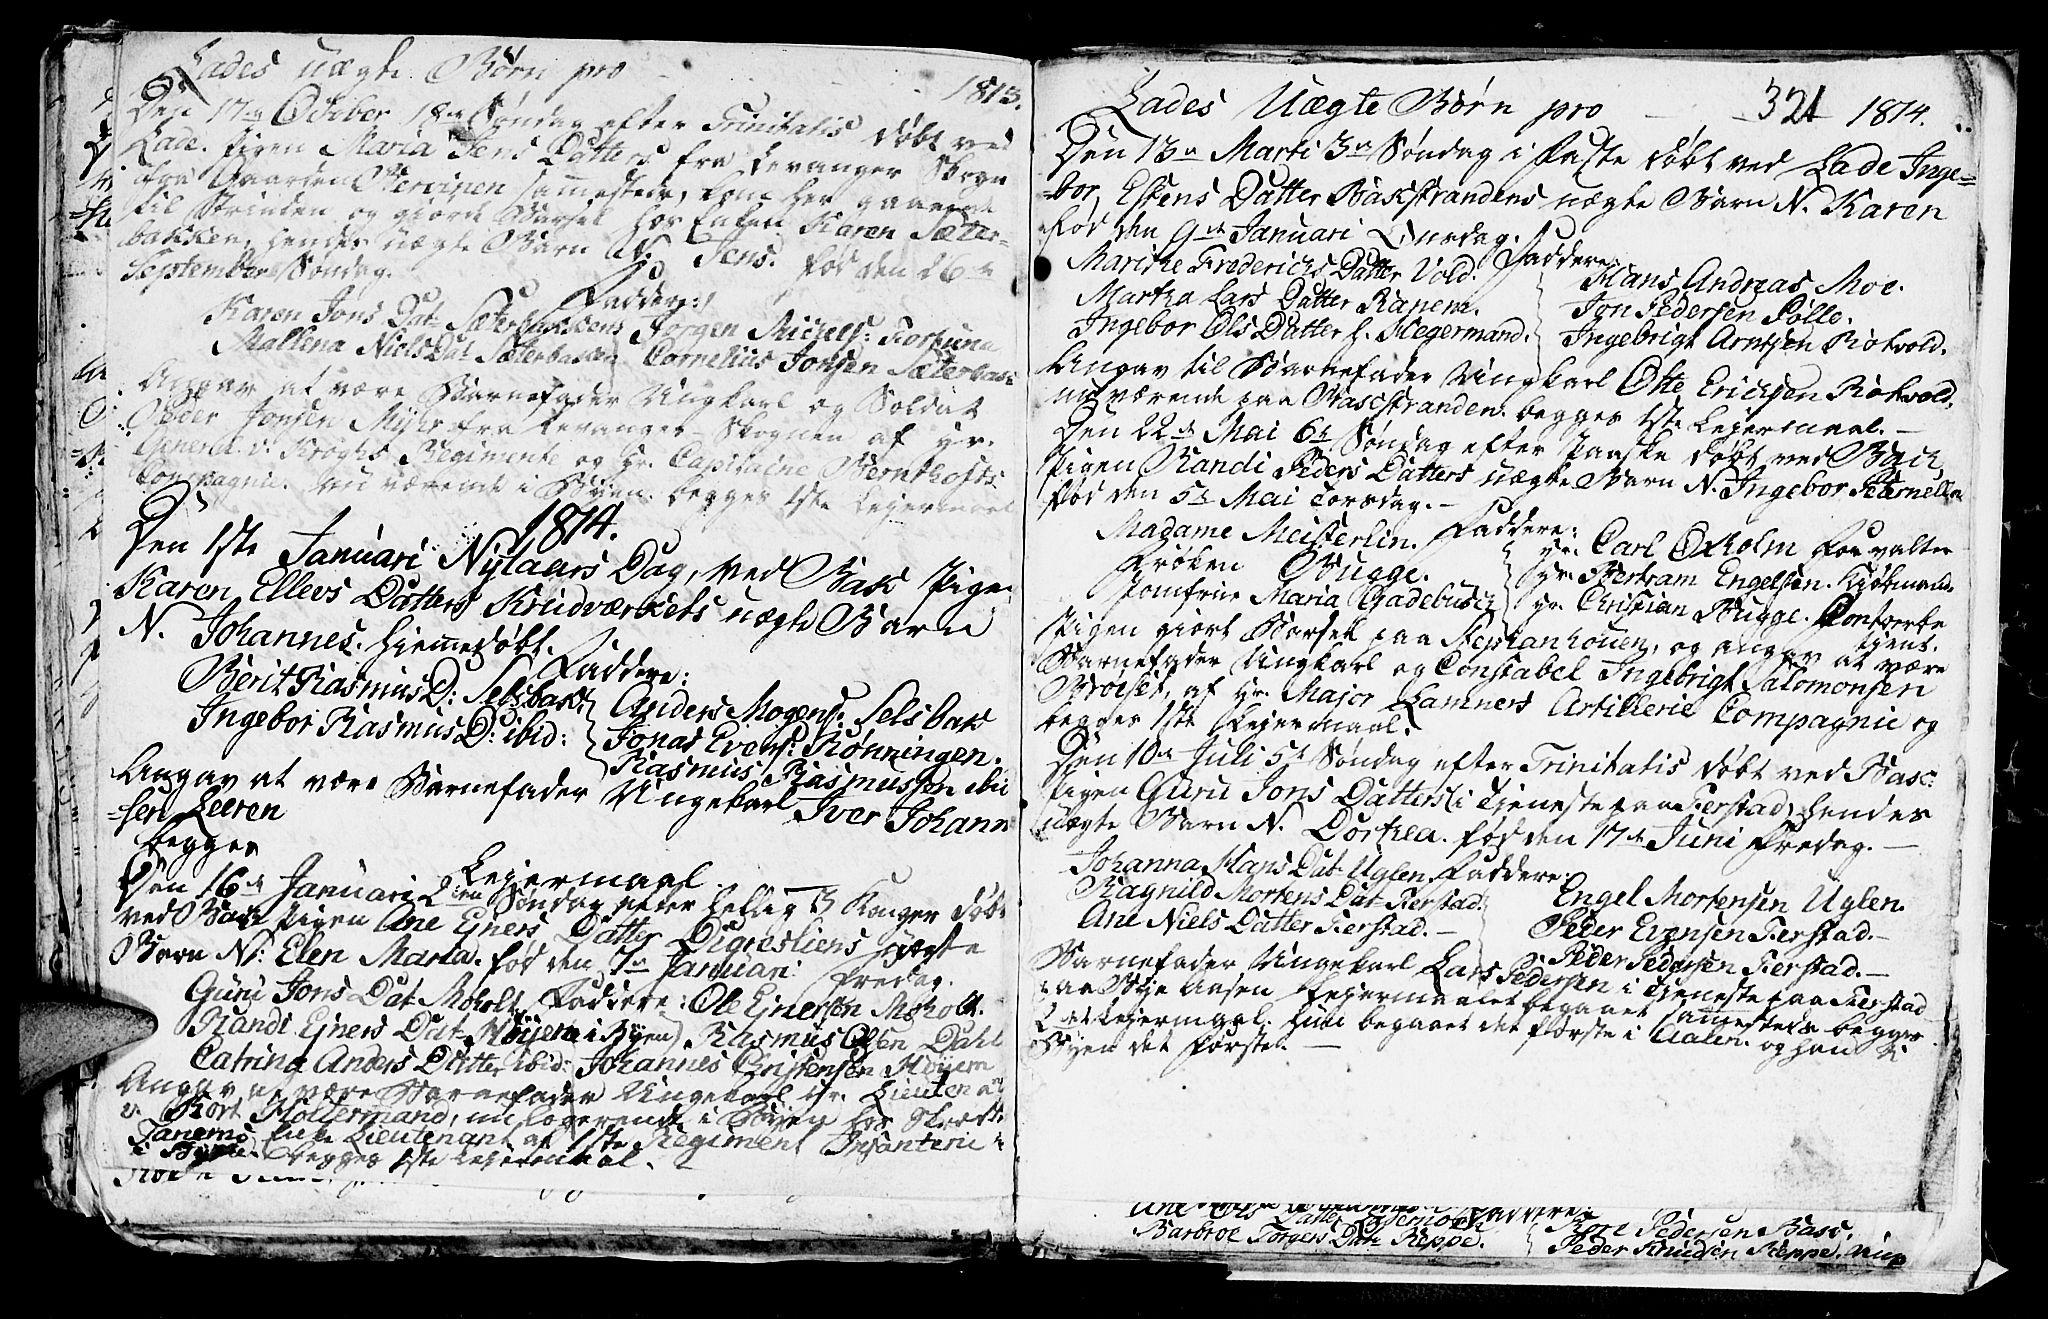 SAT, Ministerialprotokoller, klokkerbøker og fødselsregistre - Sør-Trøndelag, 606/L0305: Klokkerbok nr. 606C01, 1757-1819, s. 321